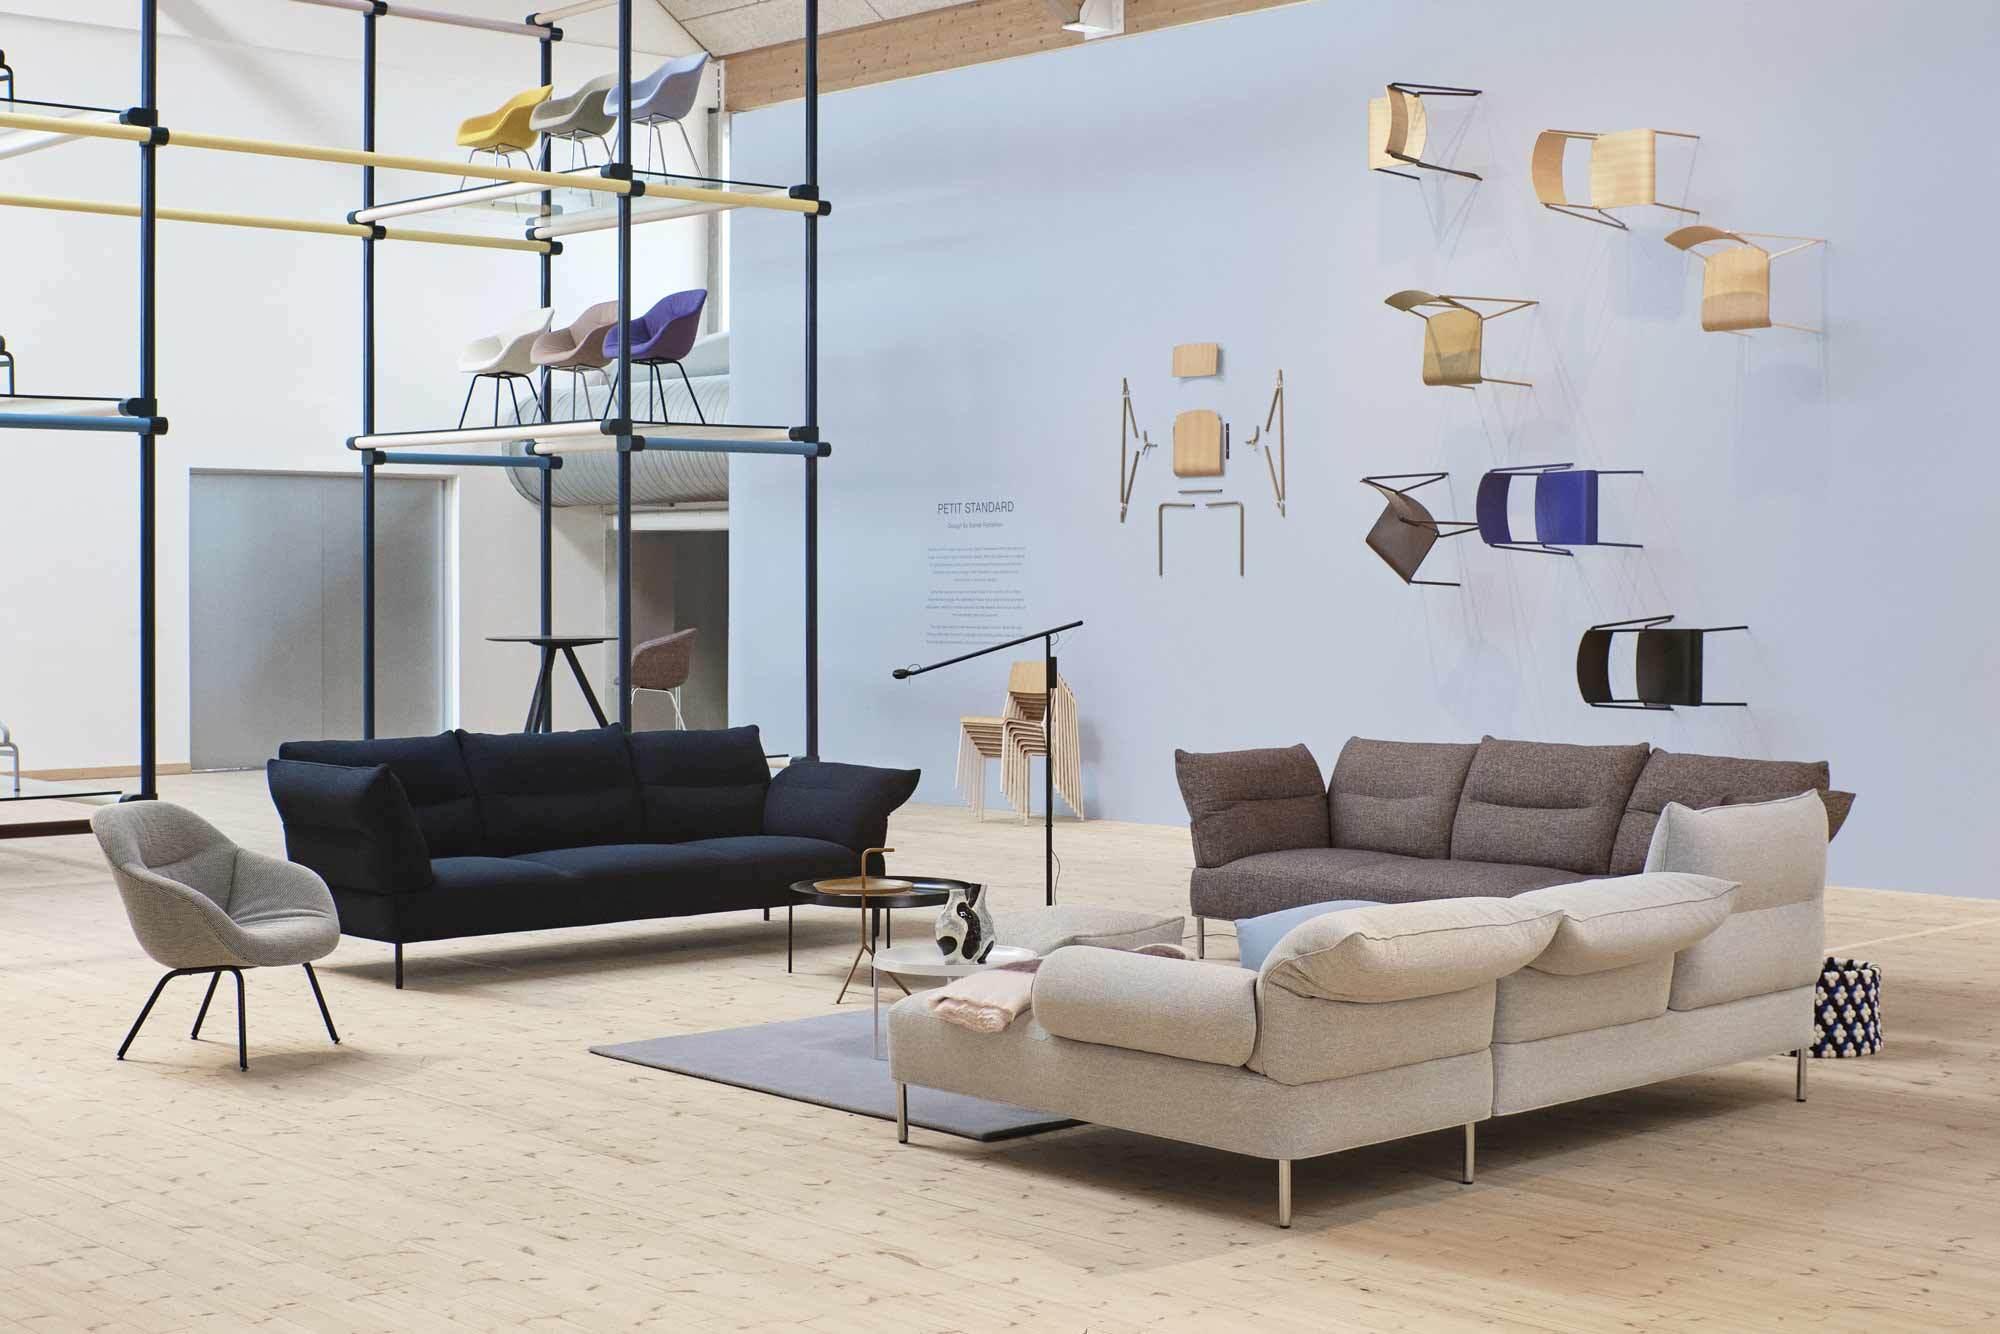 Hay Gallery im Rahmen von 3 Days of Design in Kopenhagen